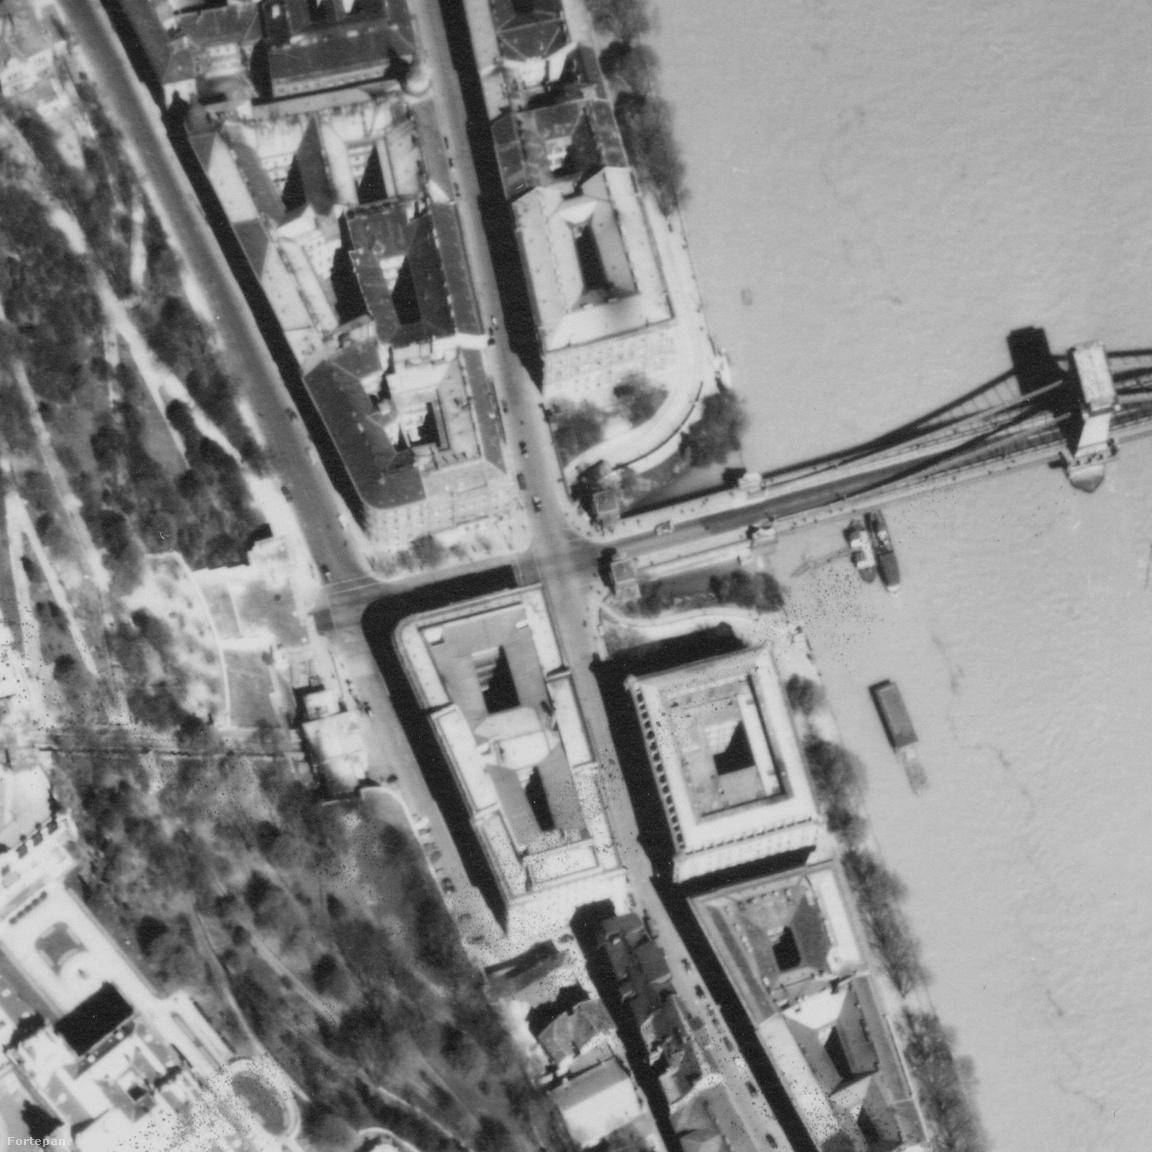 Alaposan megváltozott a szomszédos Lánchíd budai hídfője is. Ahol ma a körforgalom van, ott                         egykor egyszerű kereszteződés volt. Az azt határoló paloták szinte mindegyike eltűnt. A Duna-                         parti házsor helyén ma park van, ahogy Sikló előtt is. Egyedül a félig lerombolt Ybl-épület helyén                         maradt foghíjtelek, igaz jóval kisebb, mint az eredeti házé volt. Ennek a beépítése épp most zajlik.